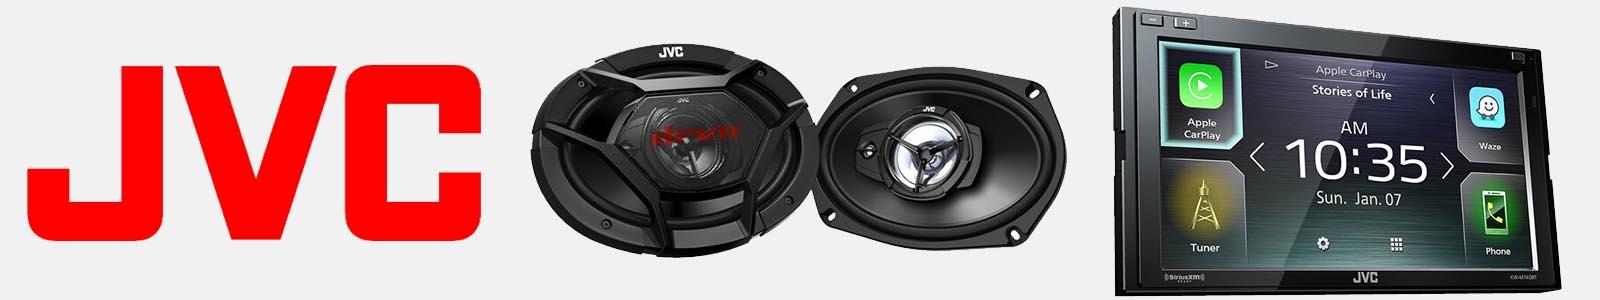 jvcoutlet-01-01-1.jpg